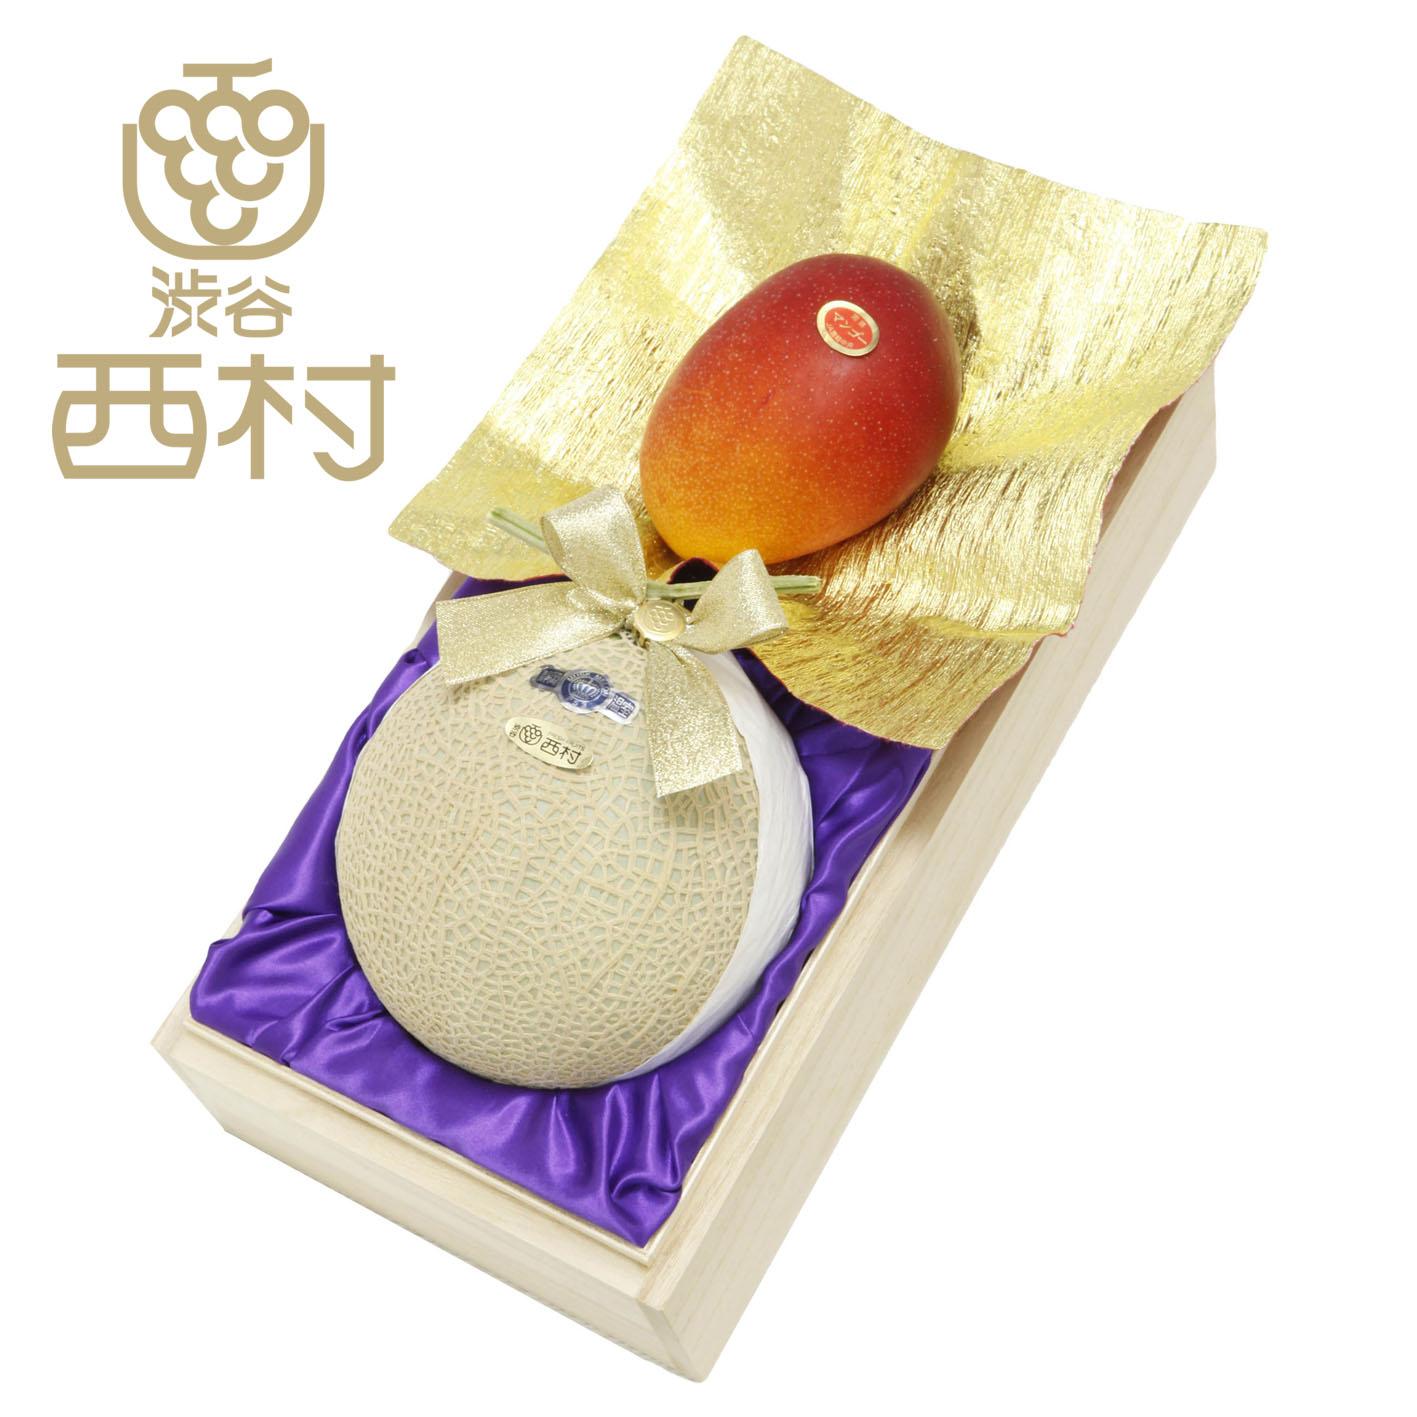 静岡クラウンマスクメロン&完熟宮崎マンゴー(桐箱)